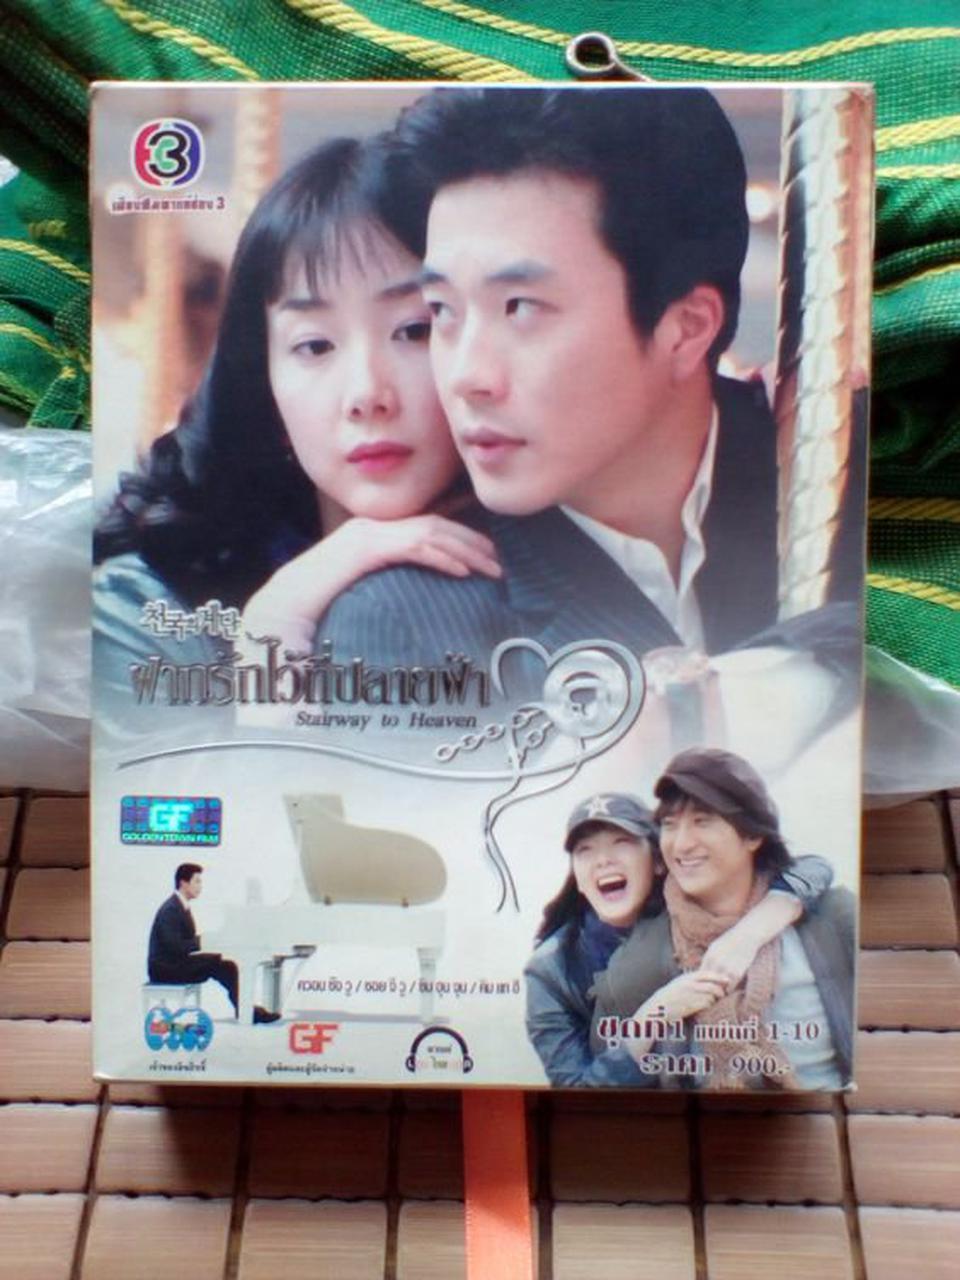 """VCD Boxset มือสอง ละครเกาหลี """"ฝากรักไว้ที่ปลายฟ้า"""" รูปที่ 1"""